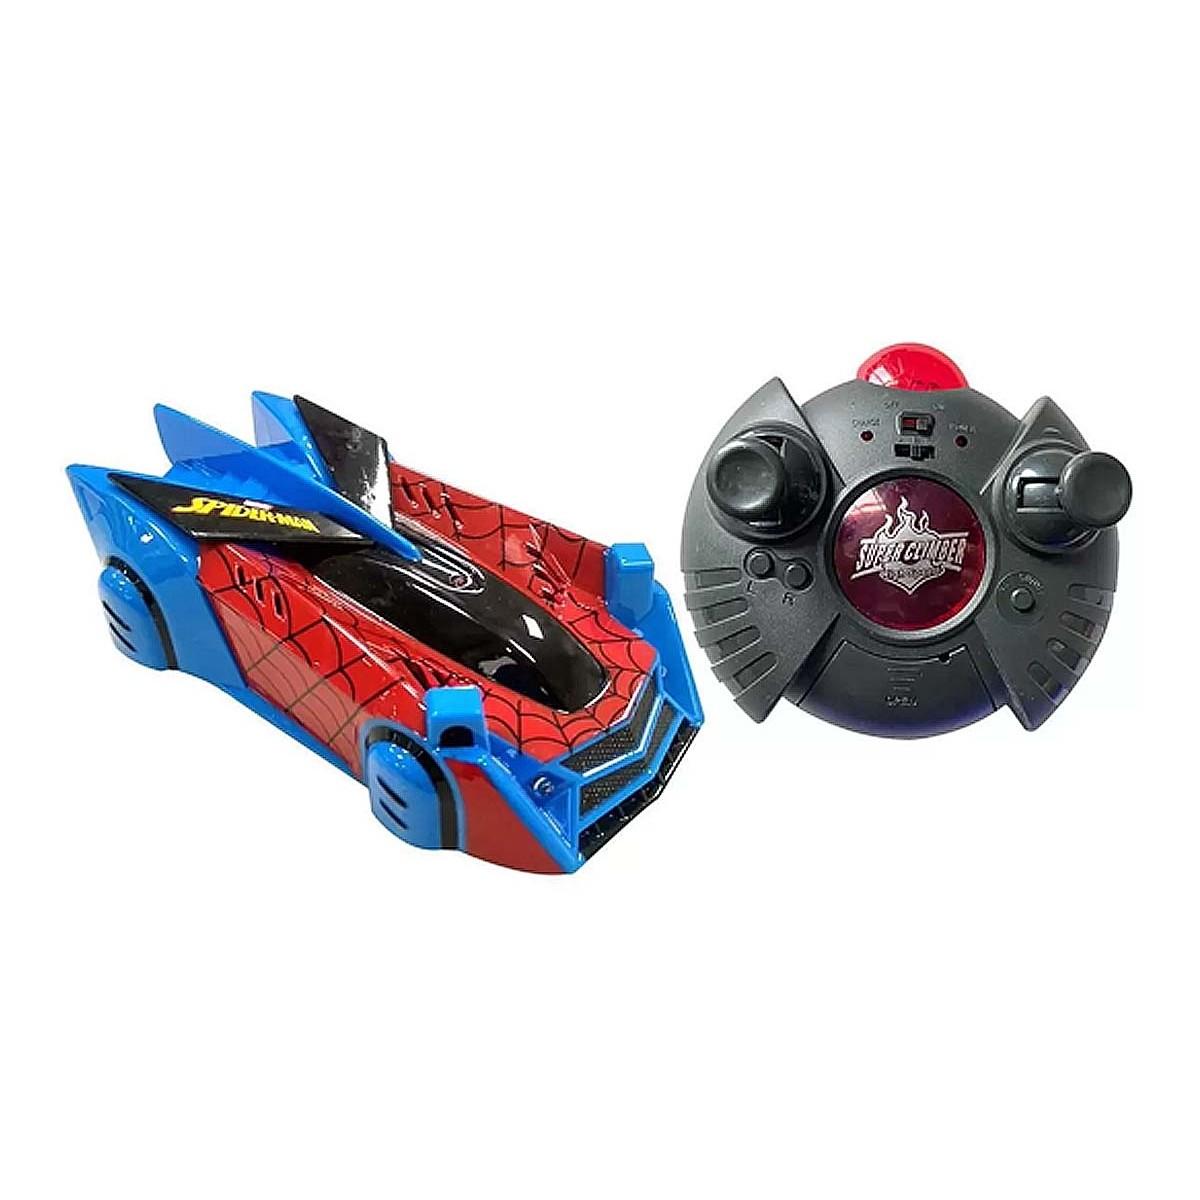 Carro Controle Spider-Man Web Climber Anda na Parede e Teto - Bateria Recarregável  - Candide